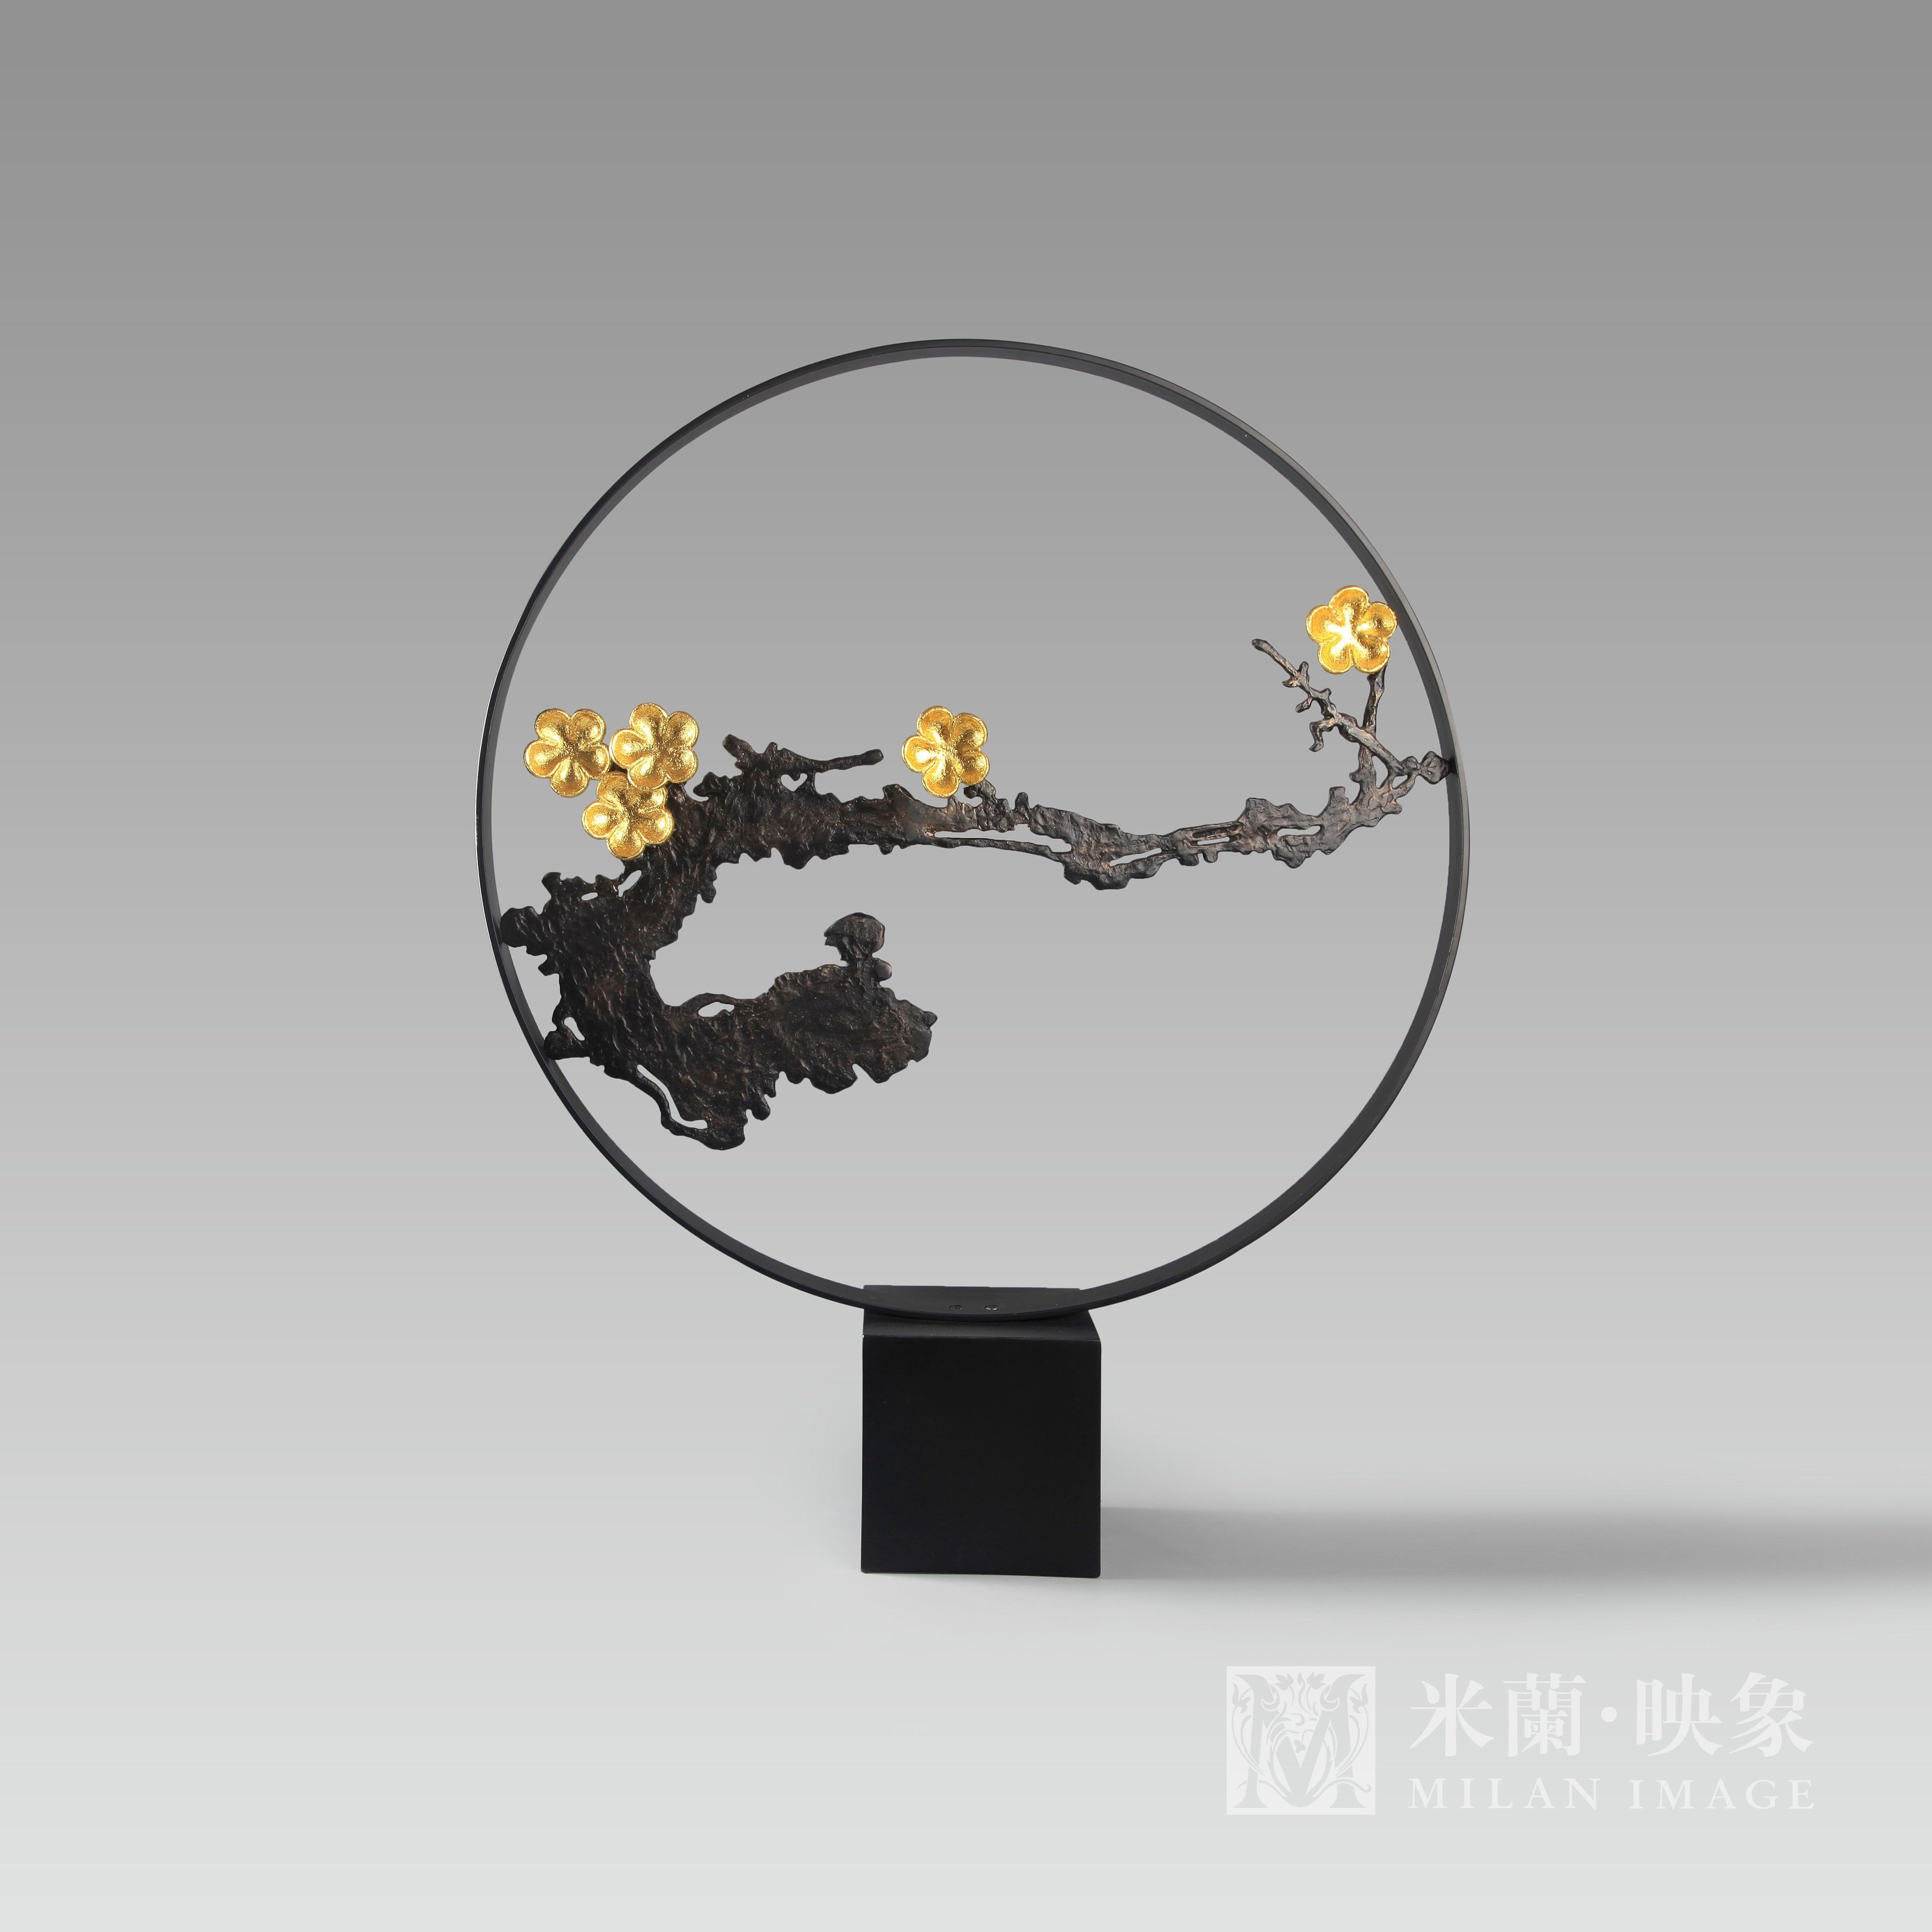 Luxurious Zen Resort: Transparent Acrylic Metal Screen Luxury Zen Style